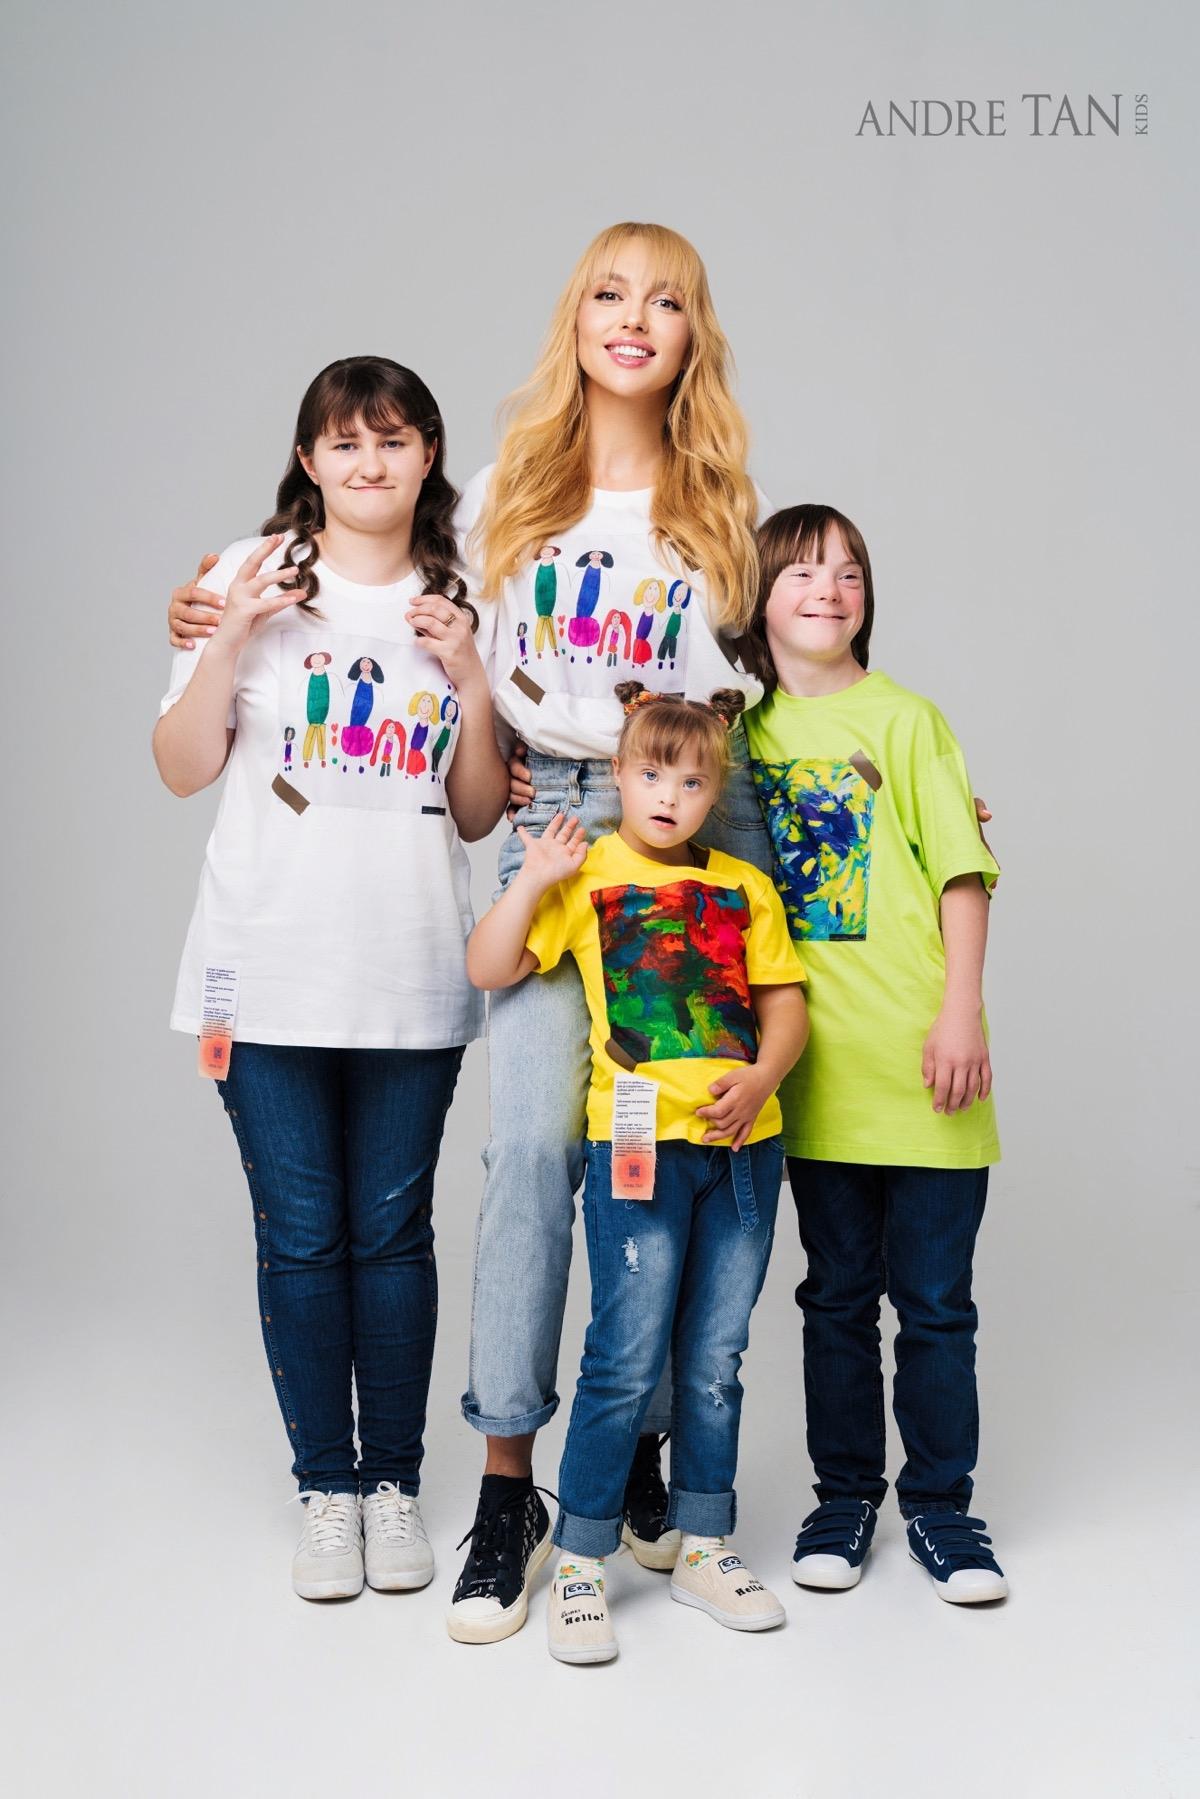 """""""Строим здоровое общество"""": Андре Тан выпустил коллекцию одежды с рисунками детей с особыми потребностями (ФОТО) - фото №2"""